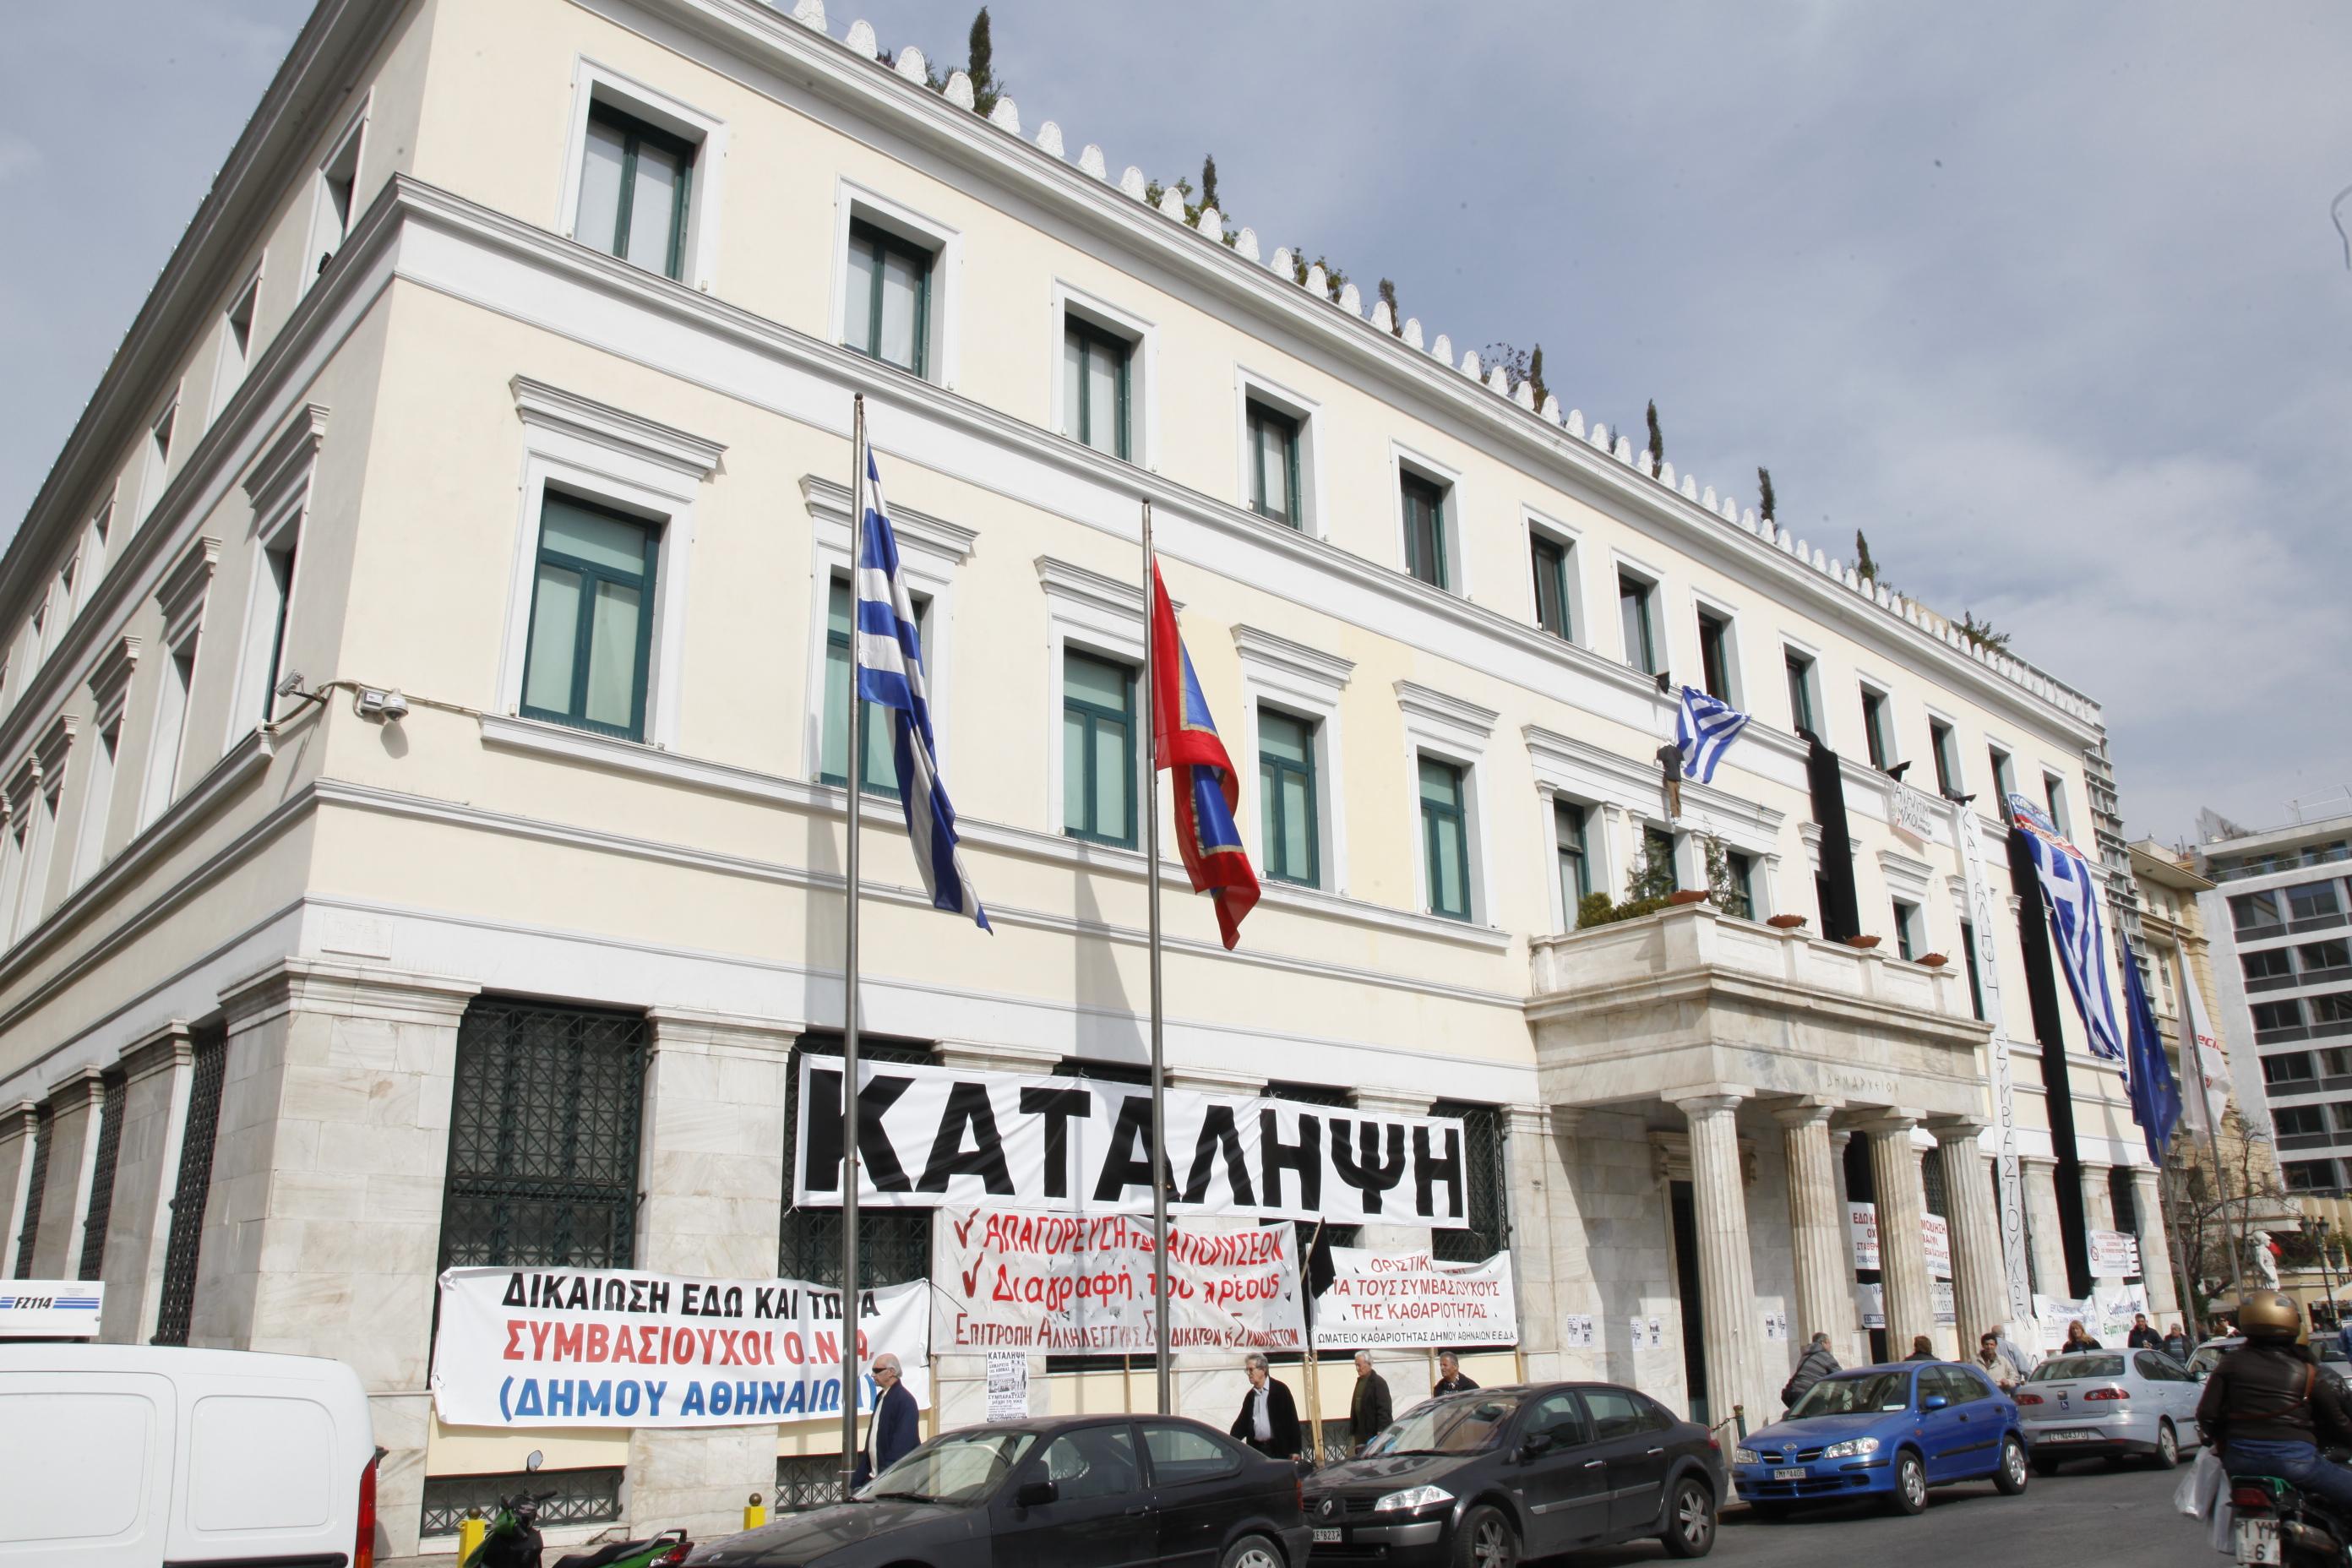 Στις γειτονιές της Αθήνας γραφεία  εξυπηρέτησης του δημότη | tovima.gr